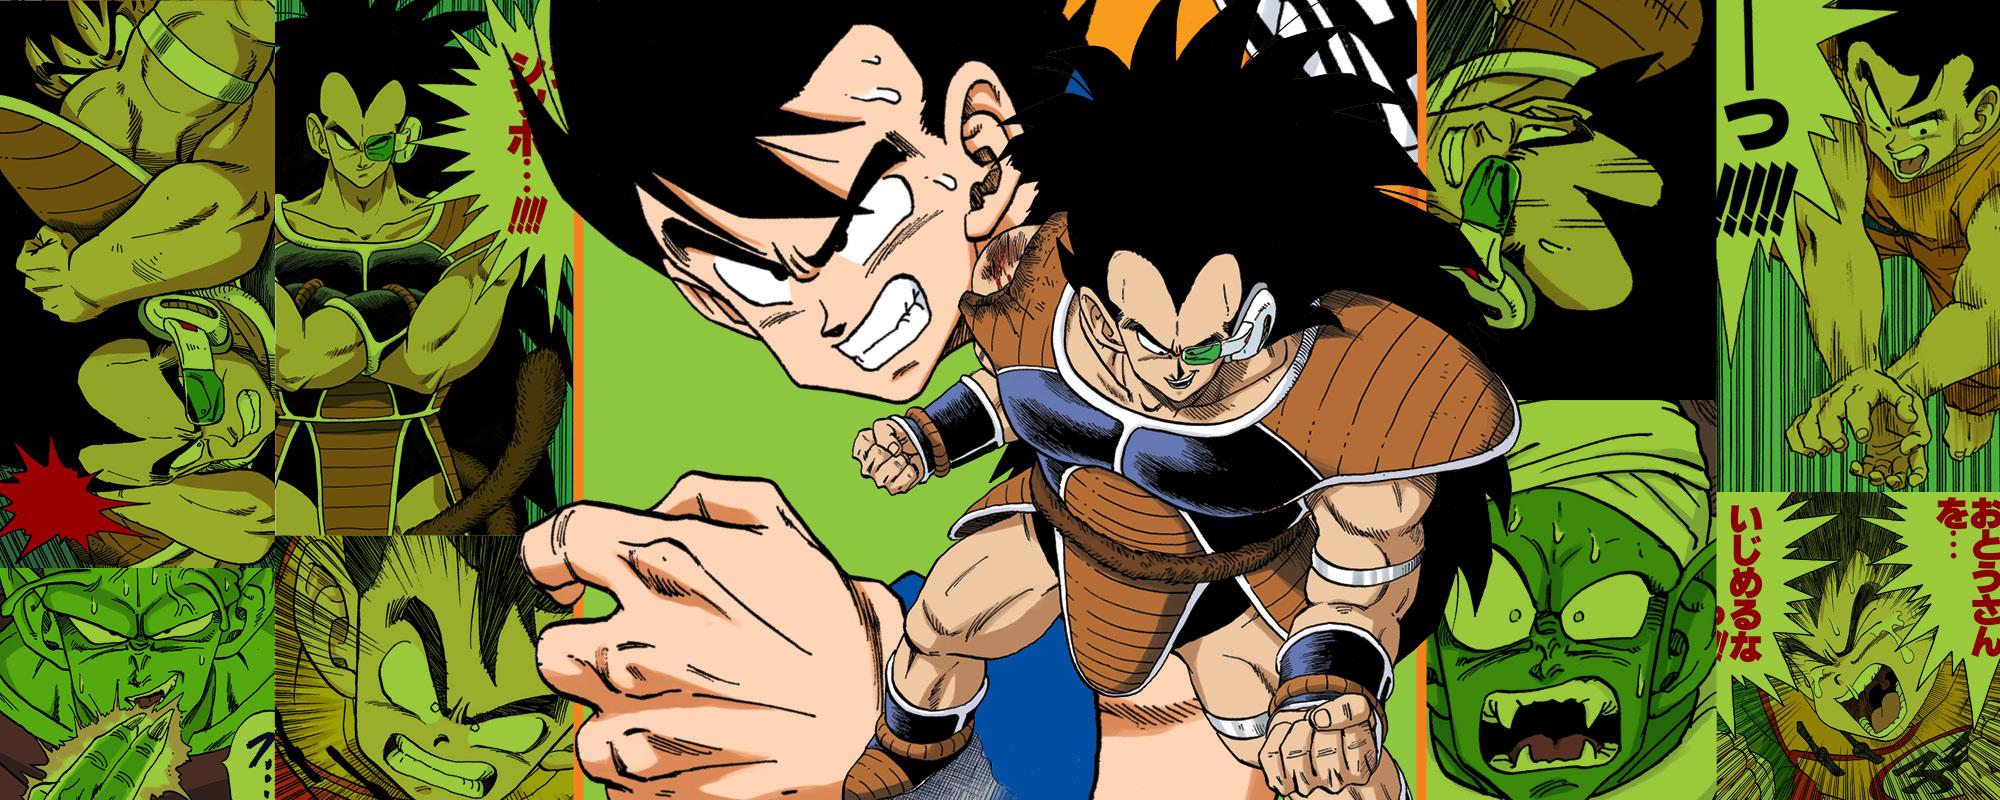 VIZ | Read Dragon Ball Full Color Manga - Official Shonen